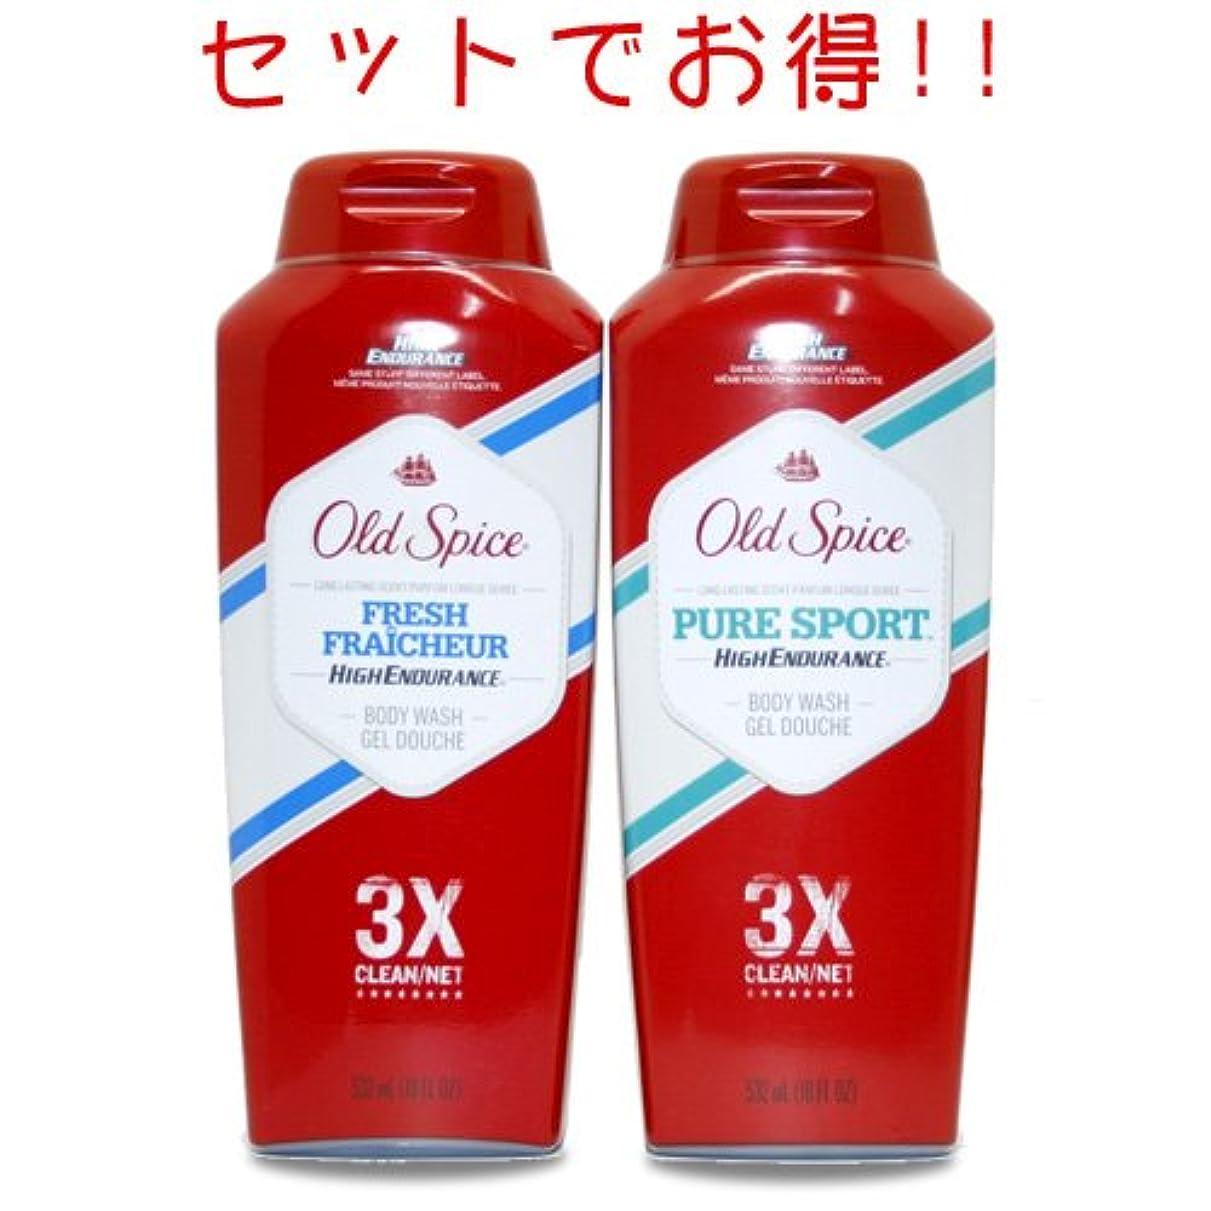 黒板グレード政策【Old Spice】オールドスパイス HEボディウォッシュ 532ml お試し2種セット